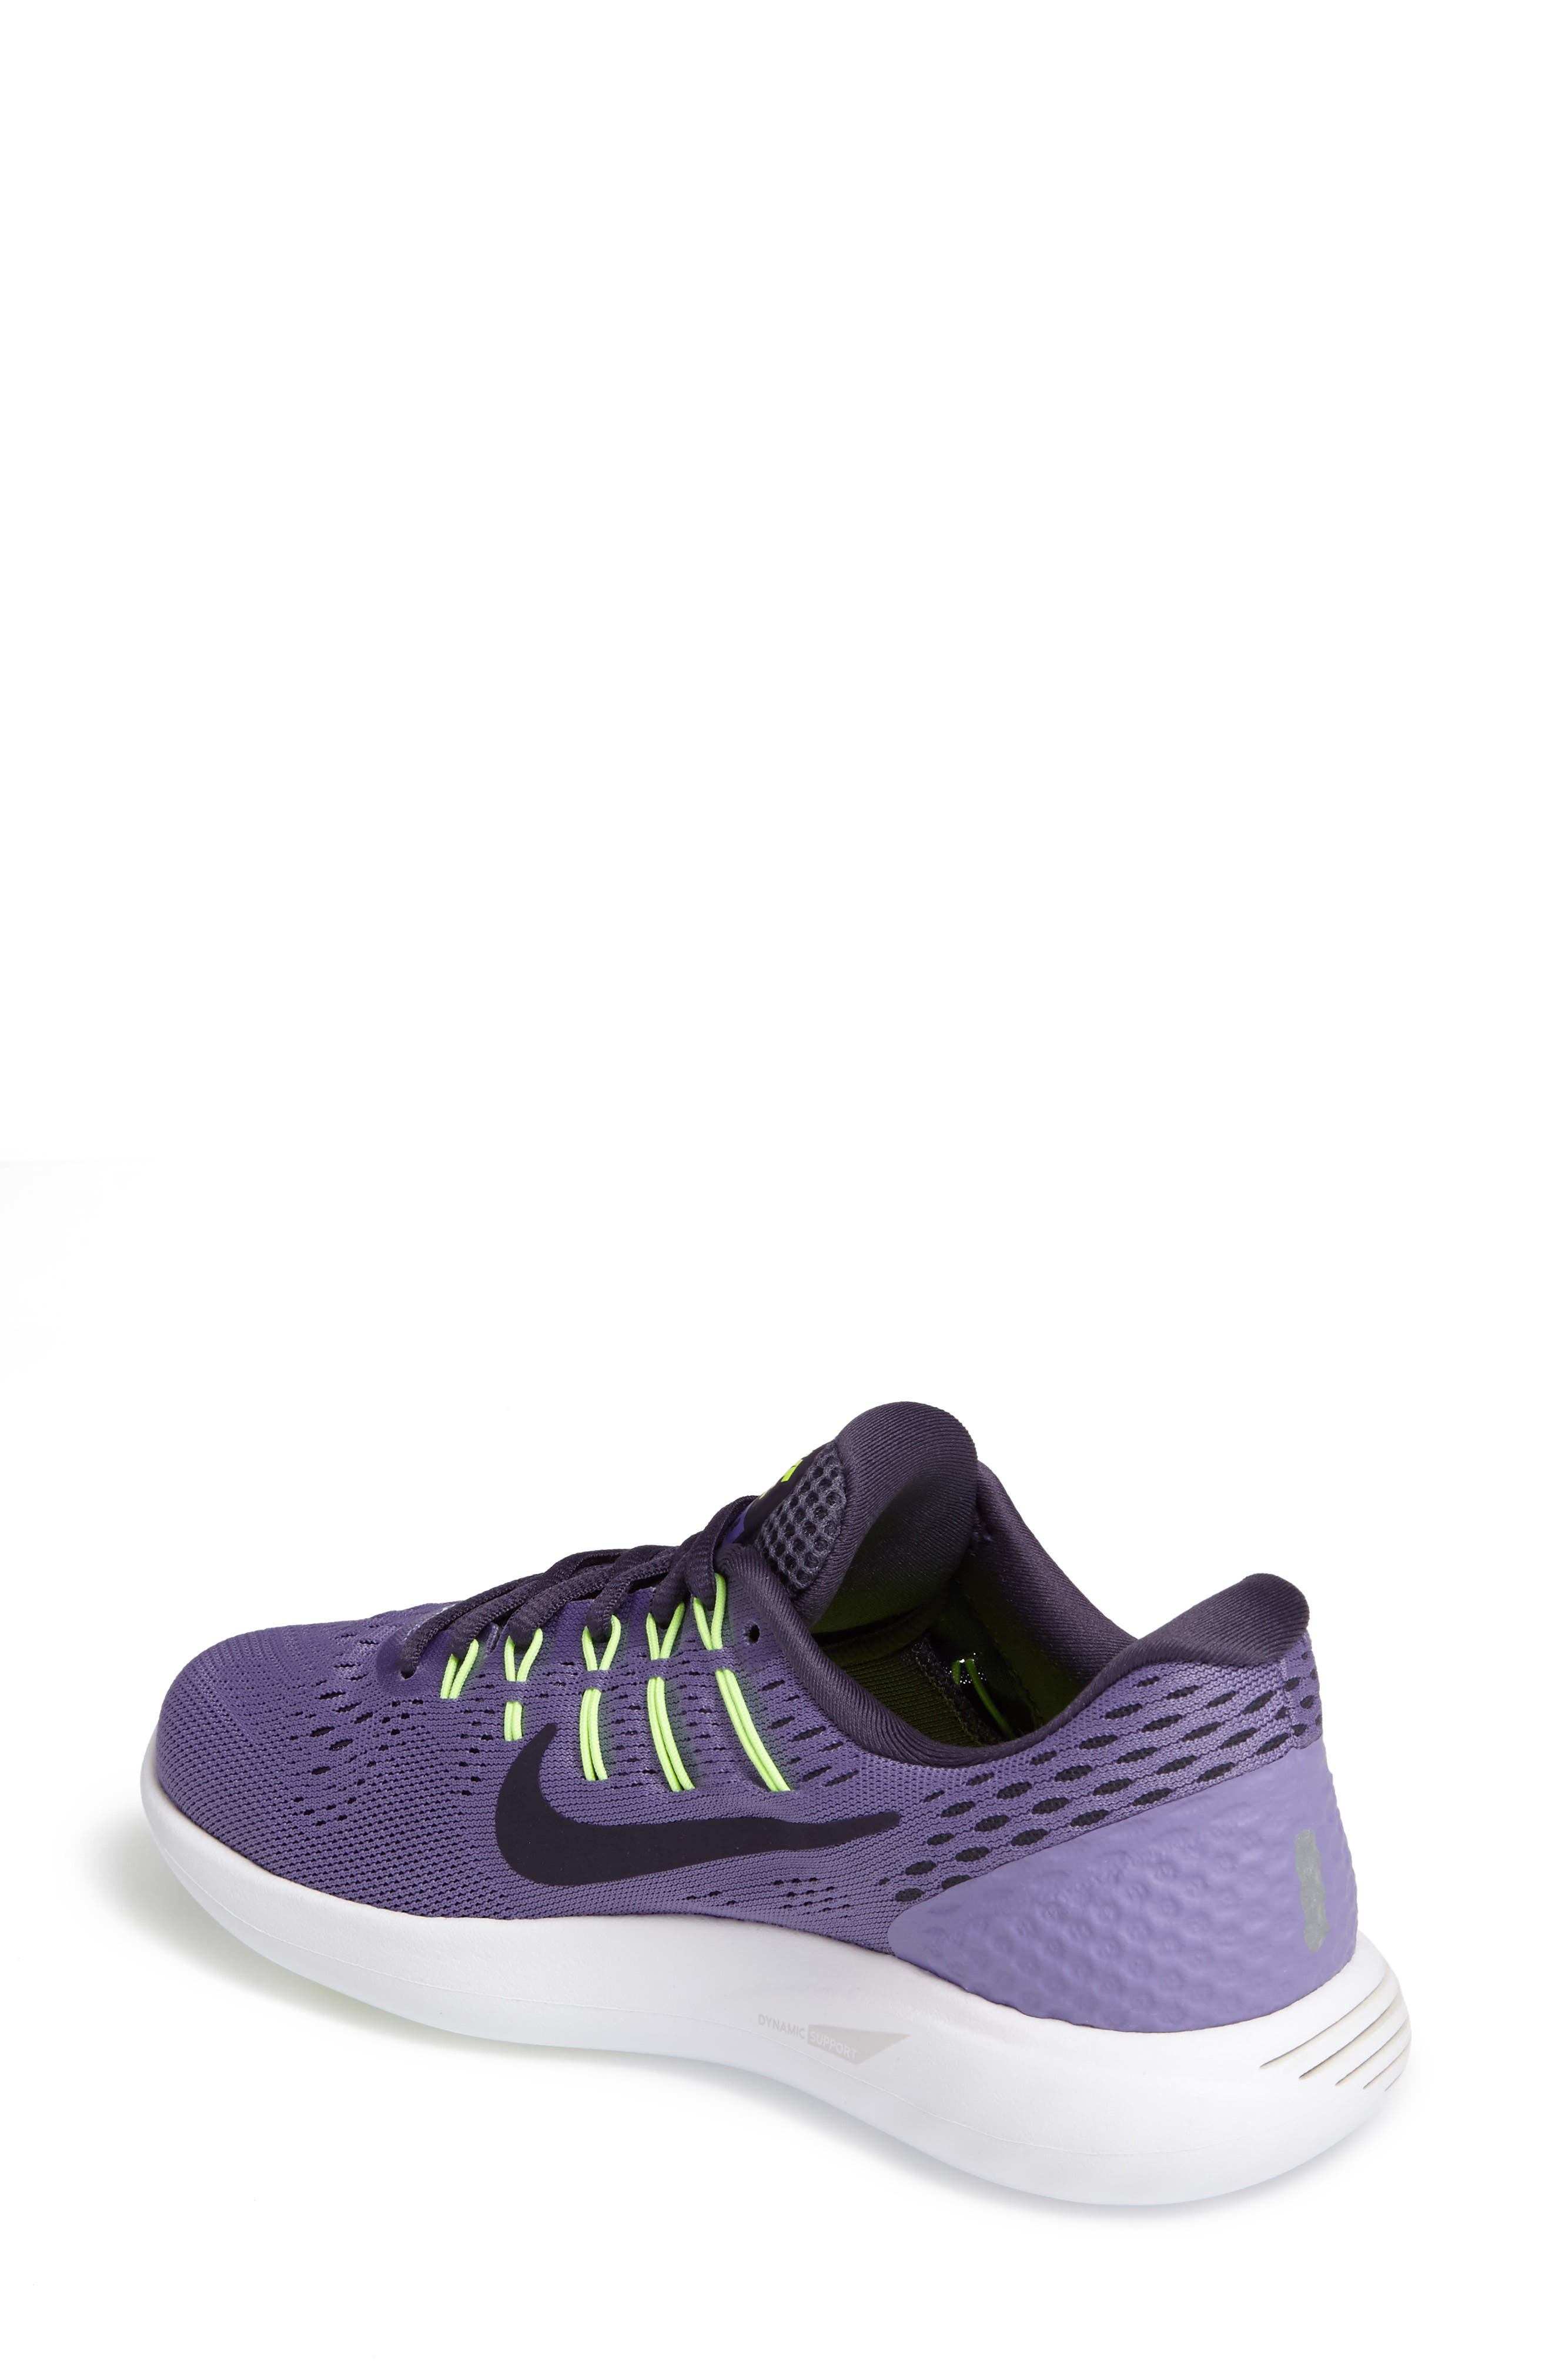 Alternate Image 2  - Nike 'LunarGlide 8' Running Shoe (Women)